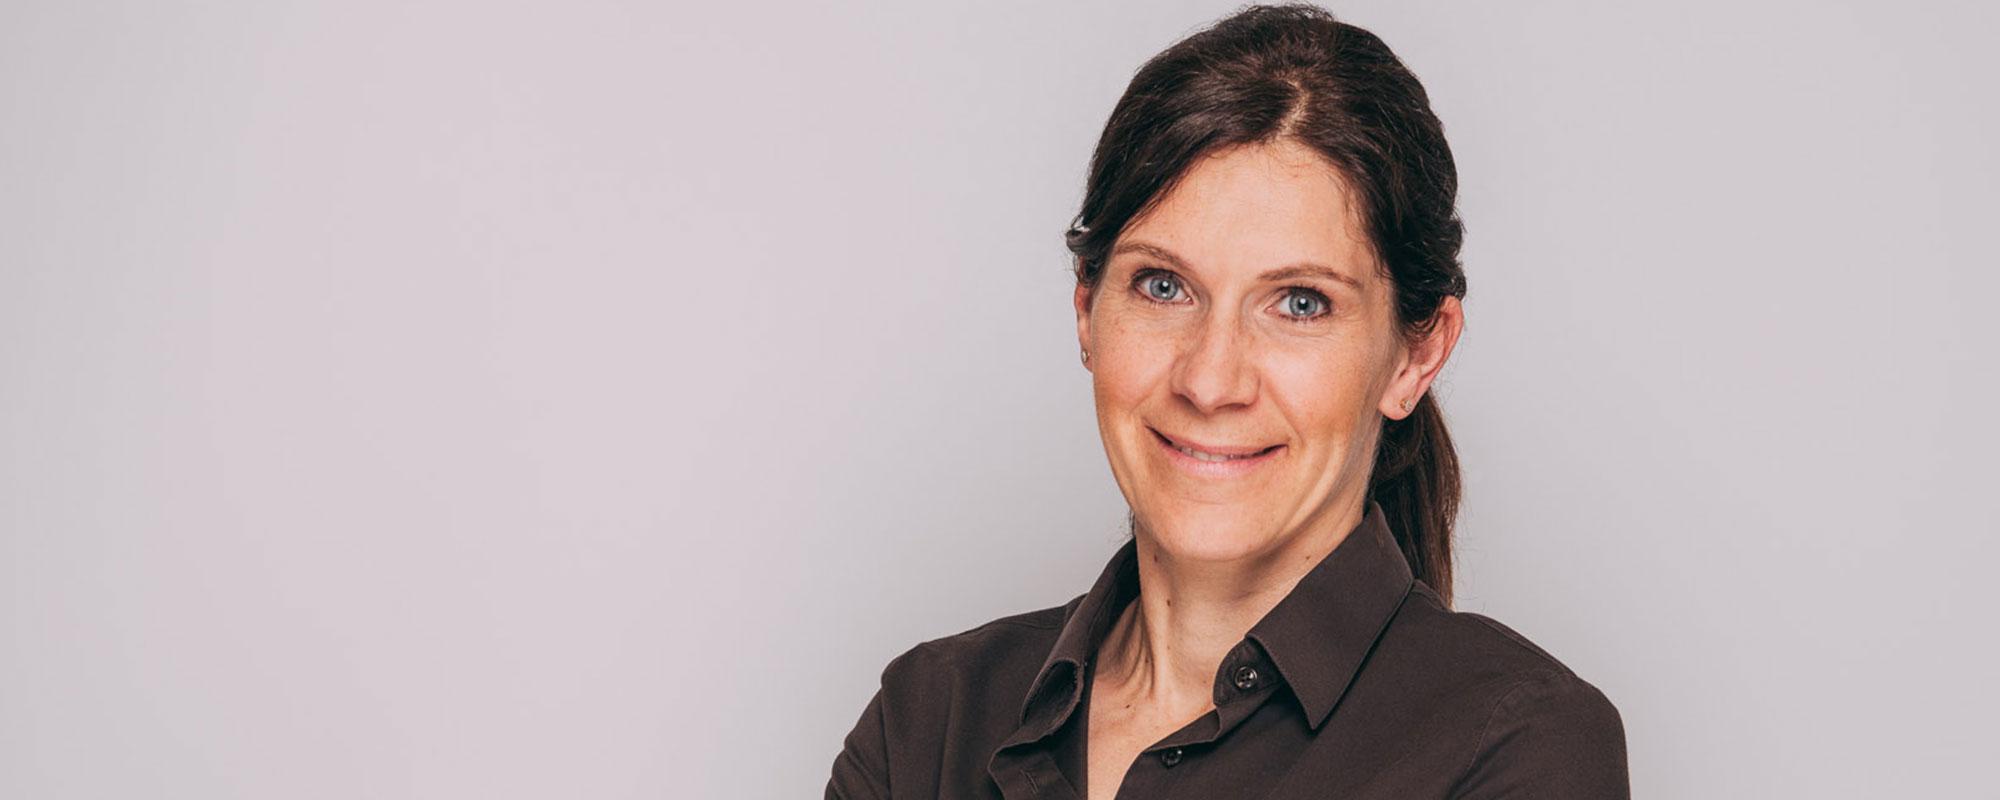 Zahnärztin Dr. Susann Kamm ist Expertin für Oralchirurgie und Ästhetische Zahnheilkunde in Baden-Baden.